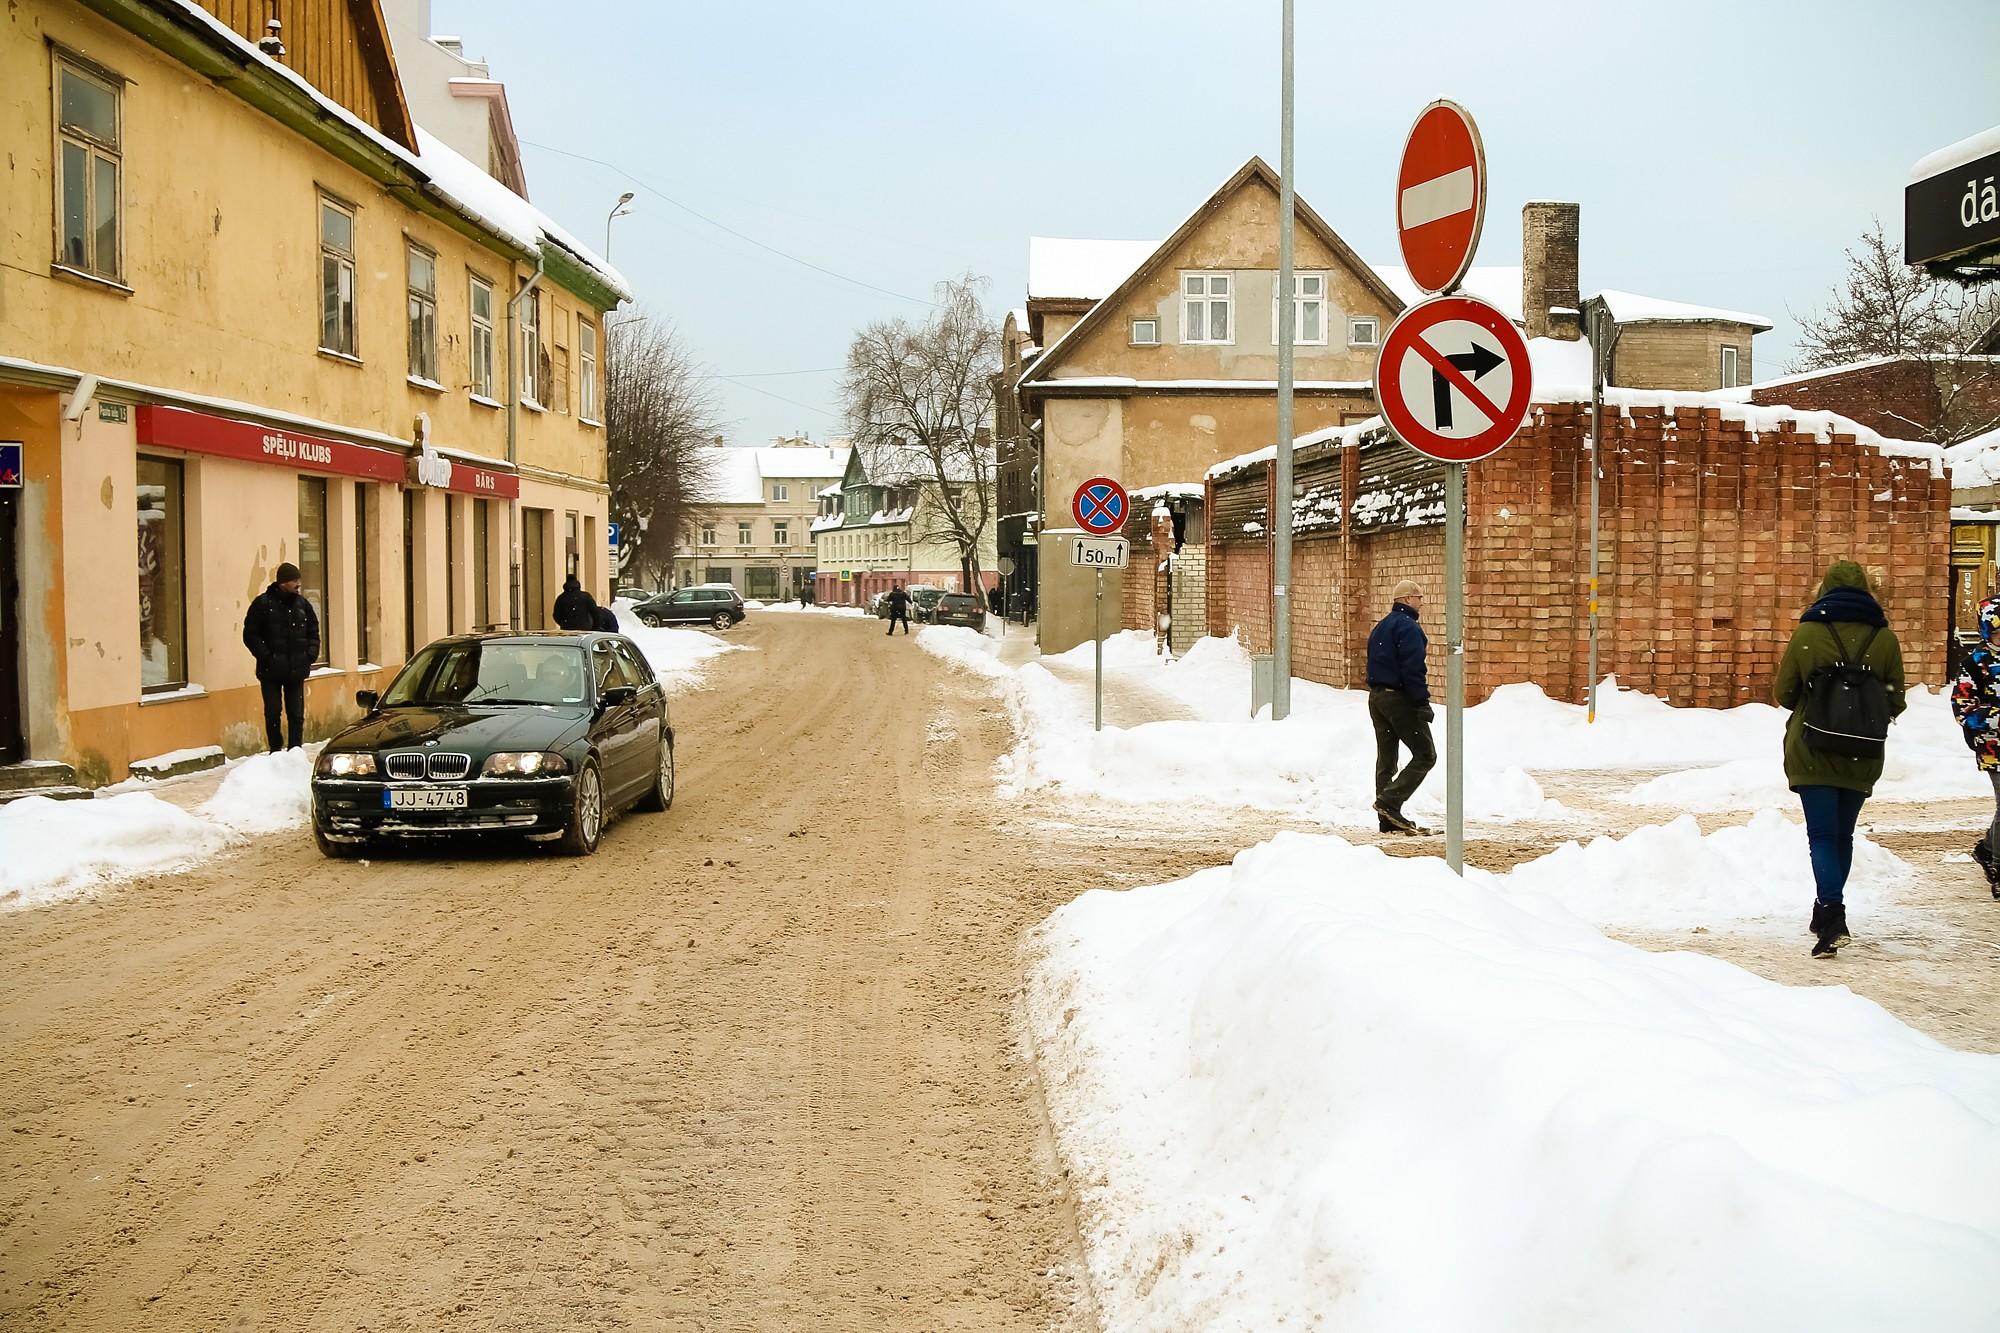 Sola uzstādīt papildus ceļa zīmi